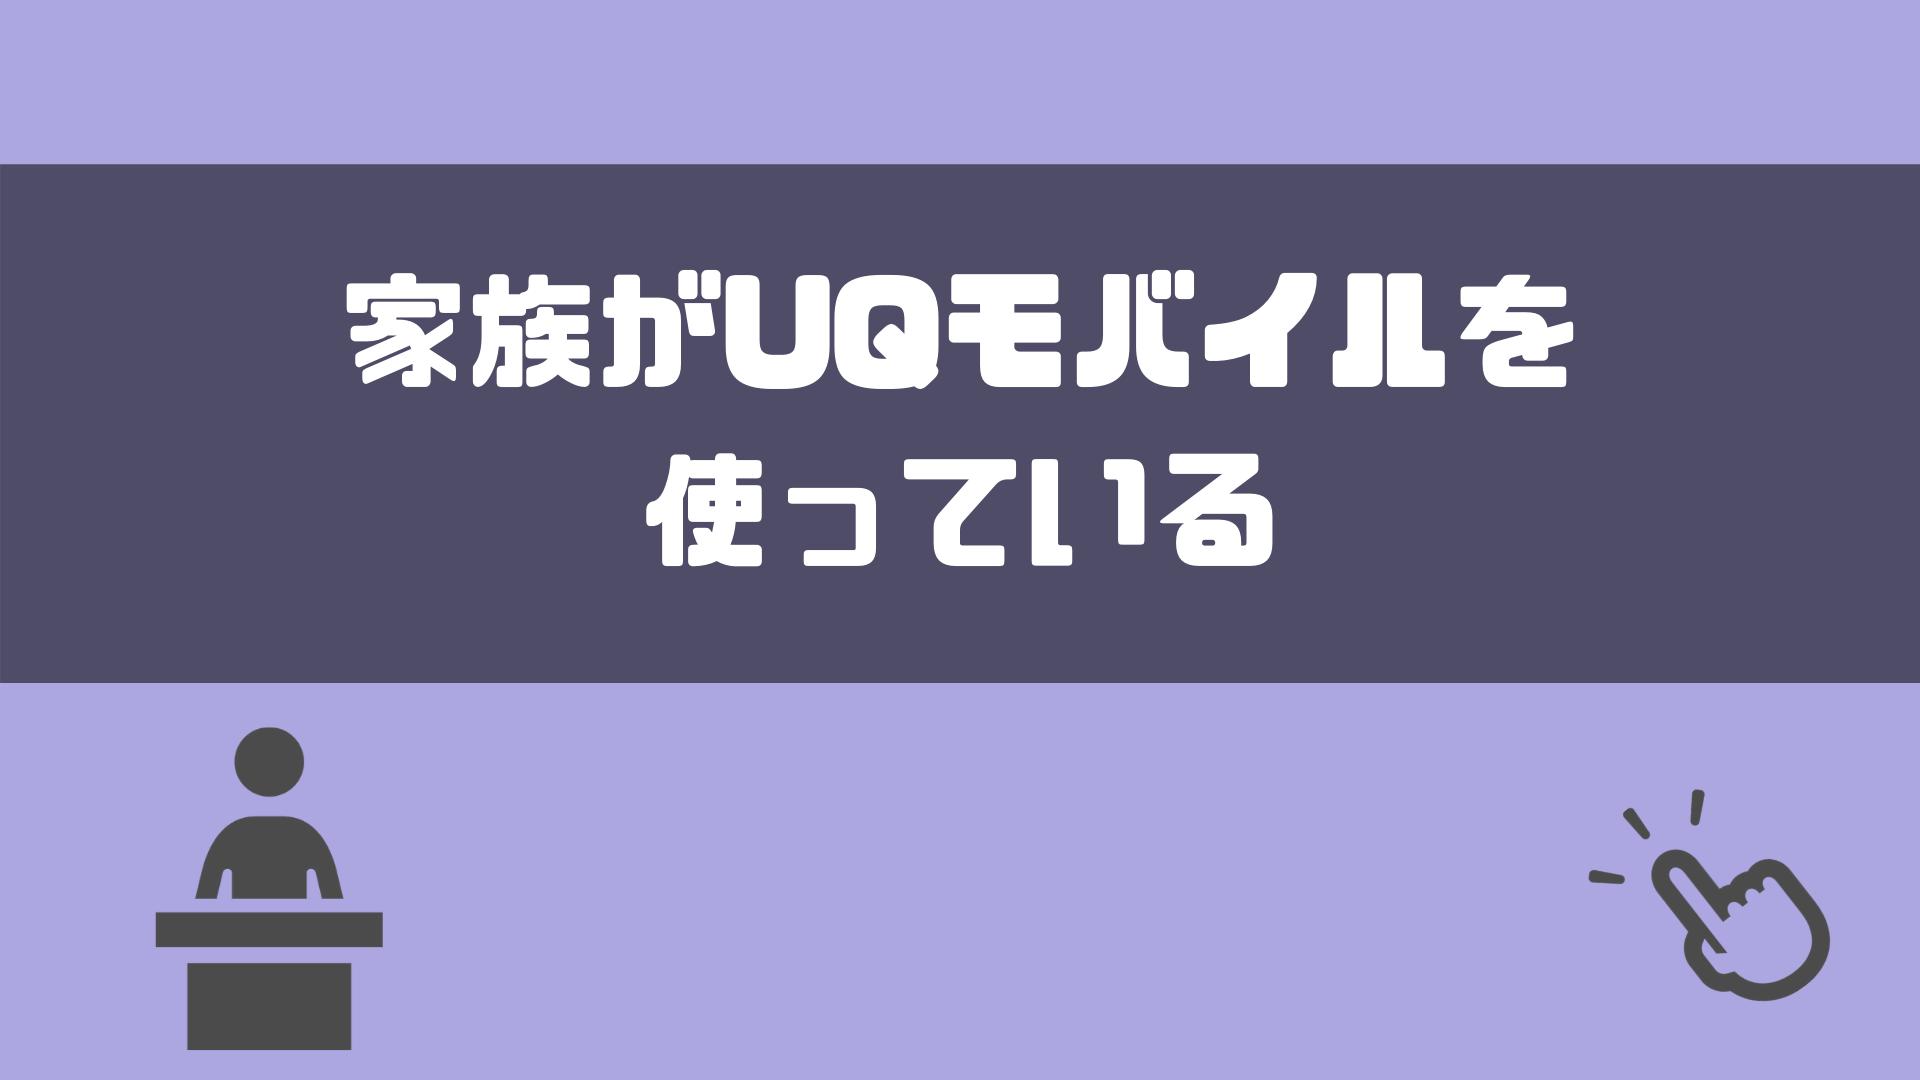 uqモバイル_家族がユーザー